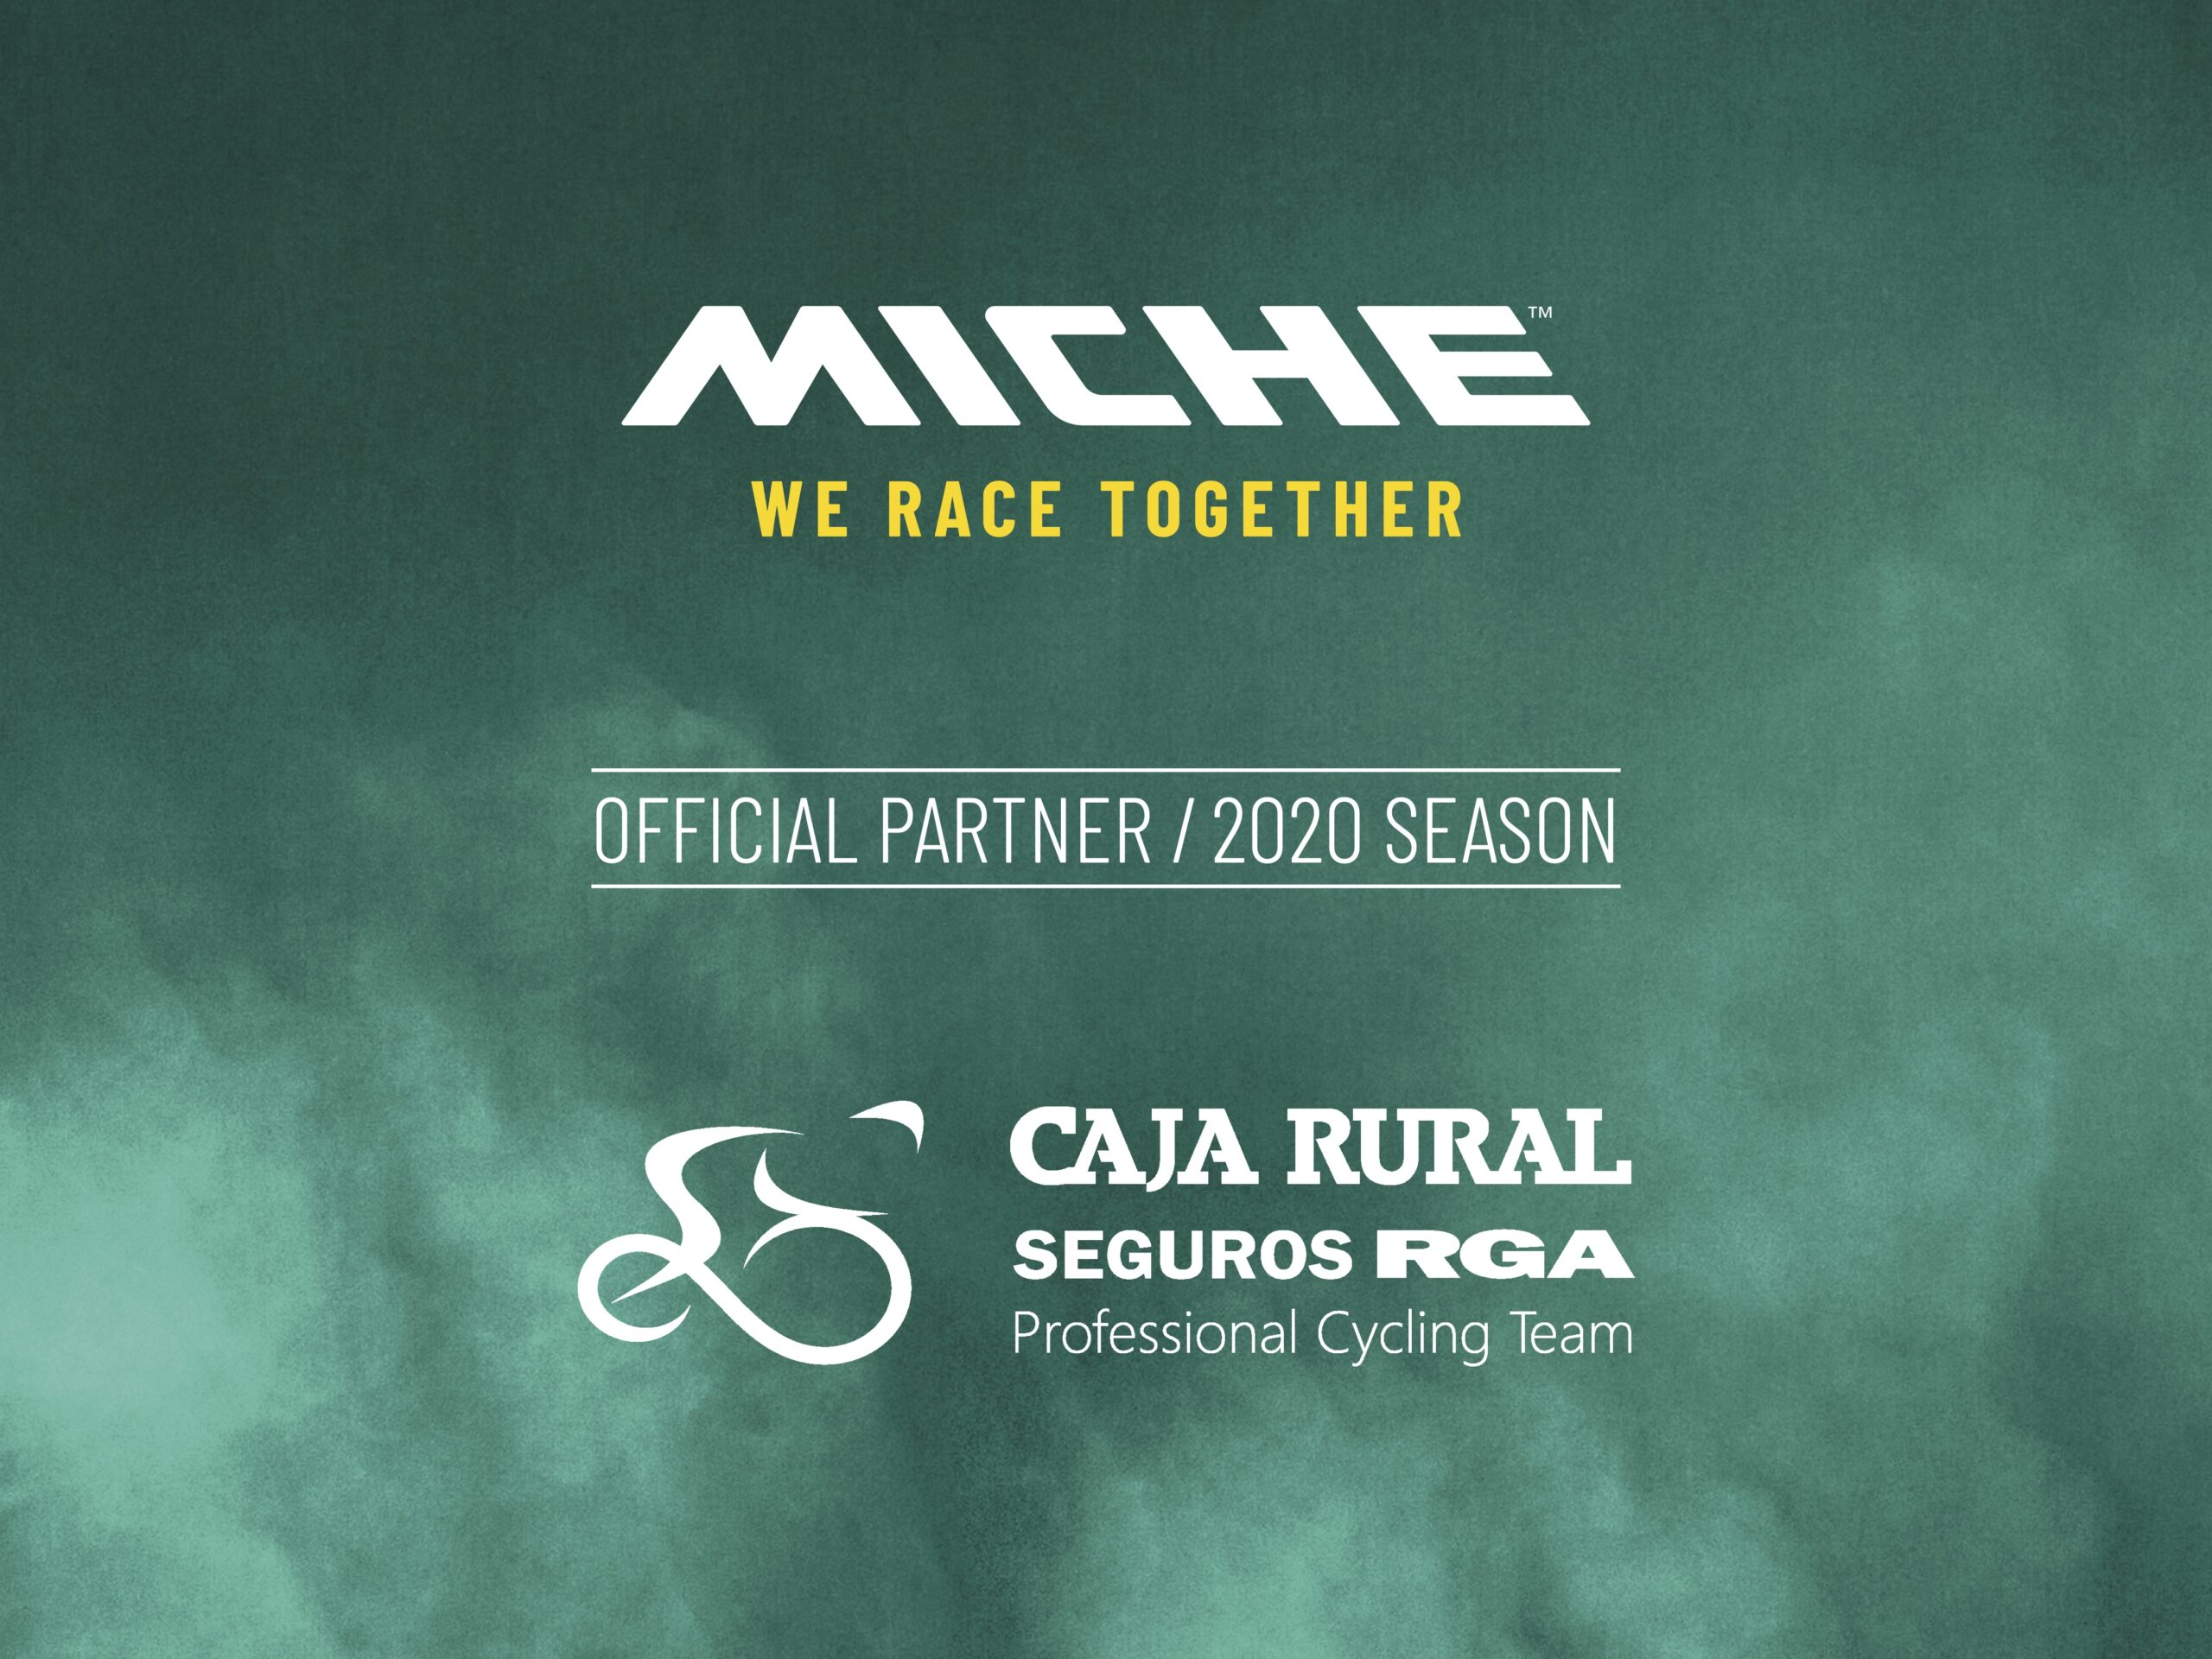 Miche y Caja Rural-Seguros RGA continúan su compromiso por tercer año consecutivo